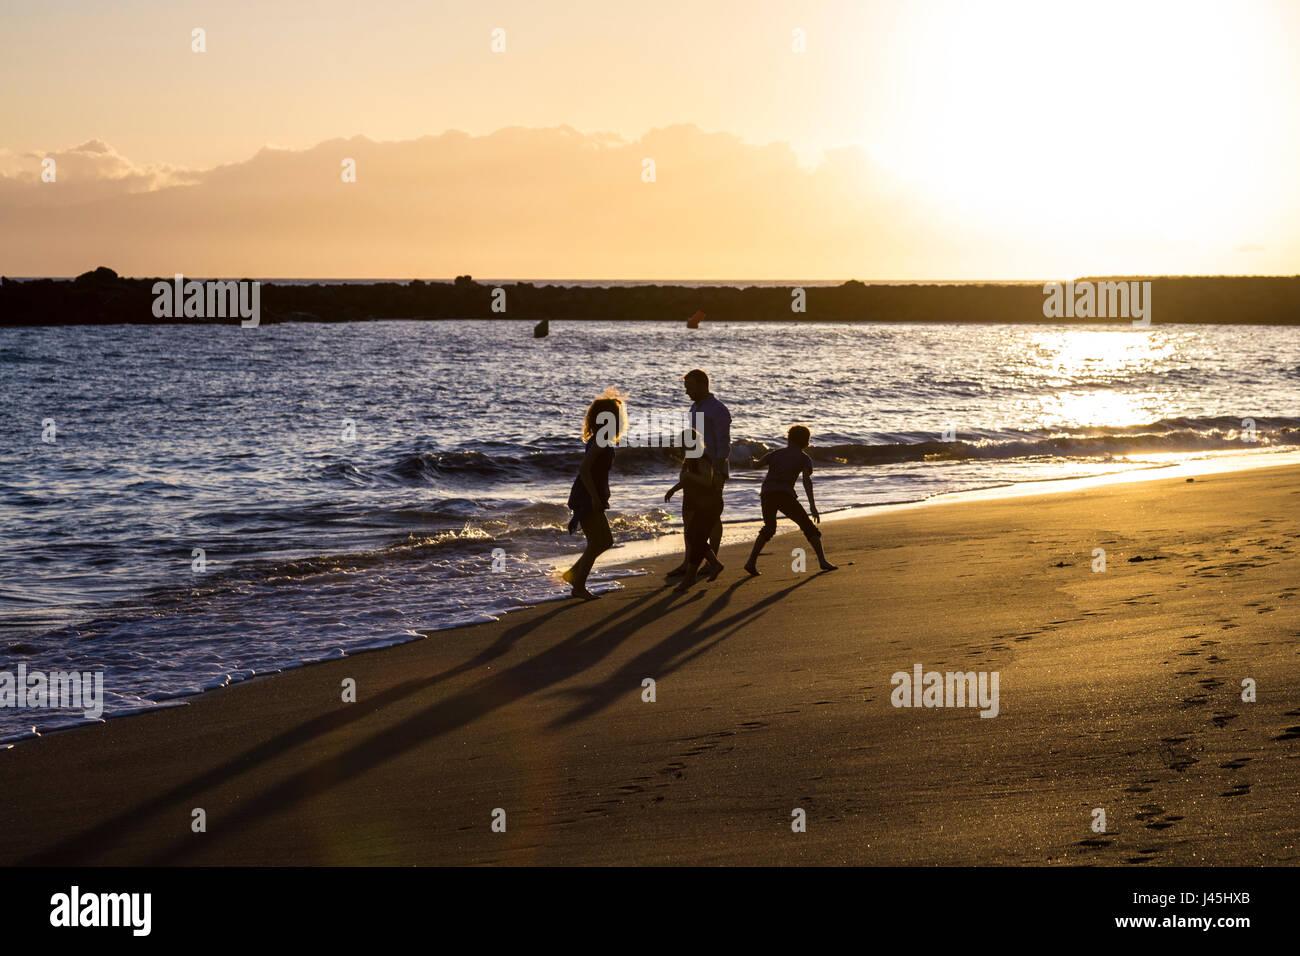 Silhouetten von einer Familie am Strand bei Sonnenuntergang (Teneriffa, Spanien) Stockbild